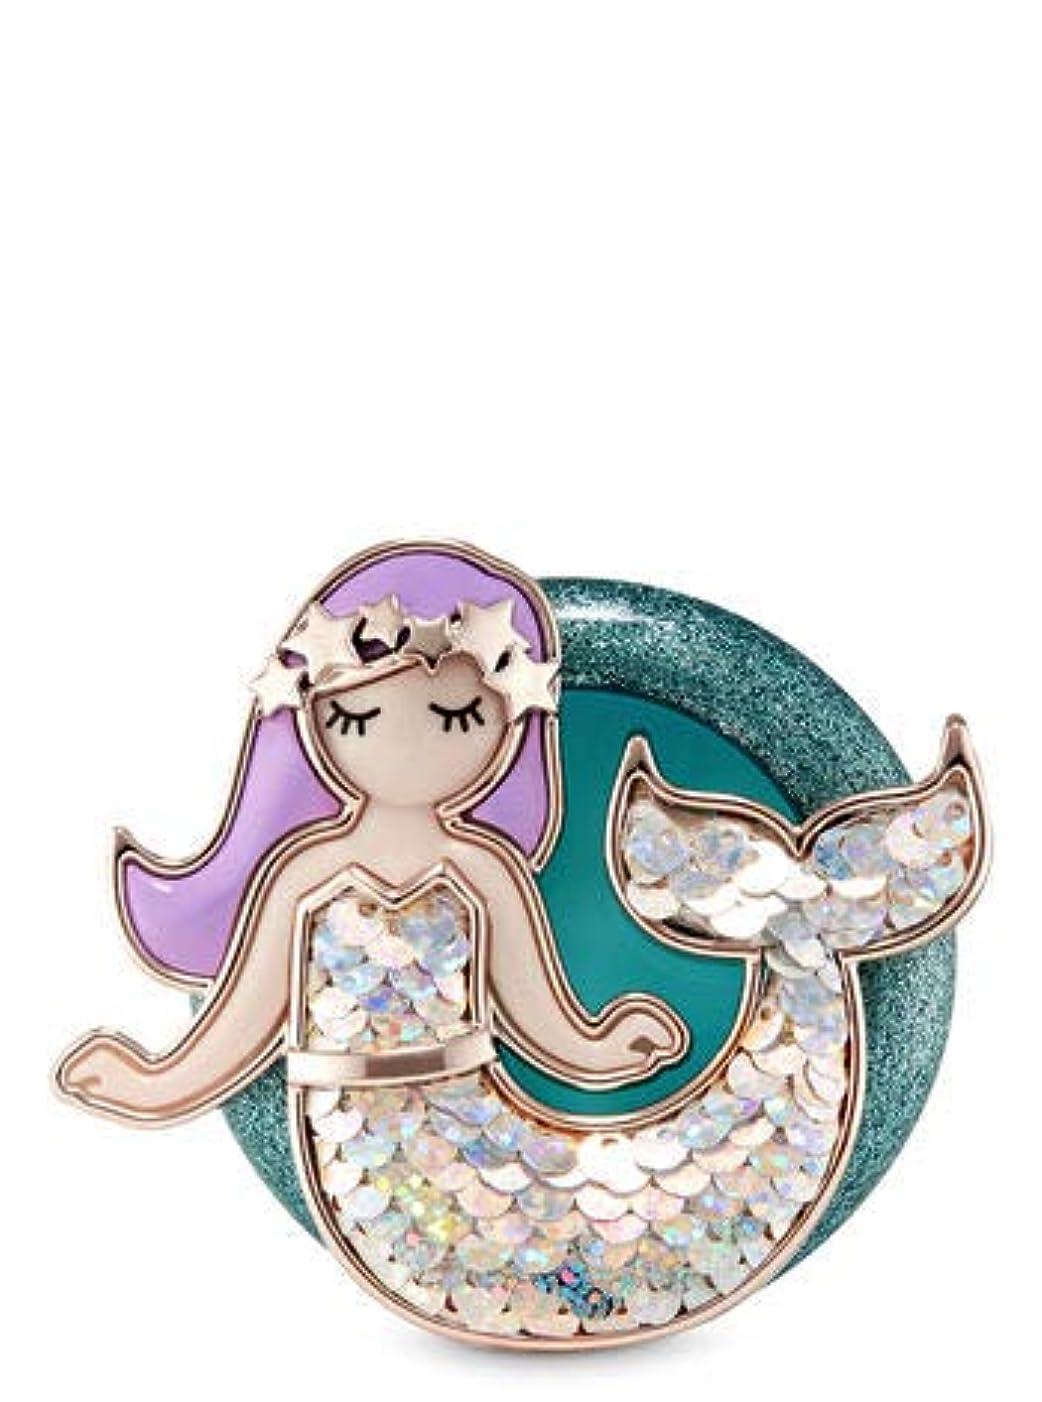 軍団原子炉貫入【Bath&Body Works/バス&ボディワークス】 クリップ式芳香剤 セントポータブル ホルダー (本体ケースのみ) マーメイド Scentportable Holder Marmaid [並行輸入品]